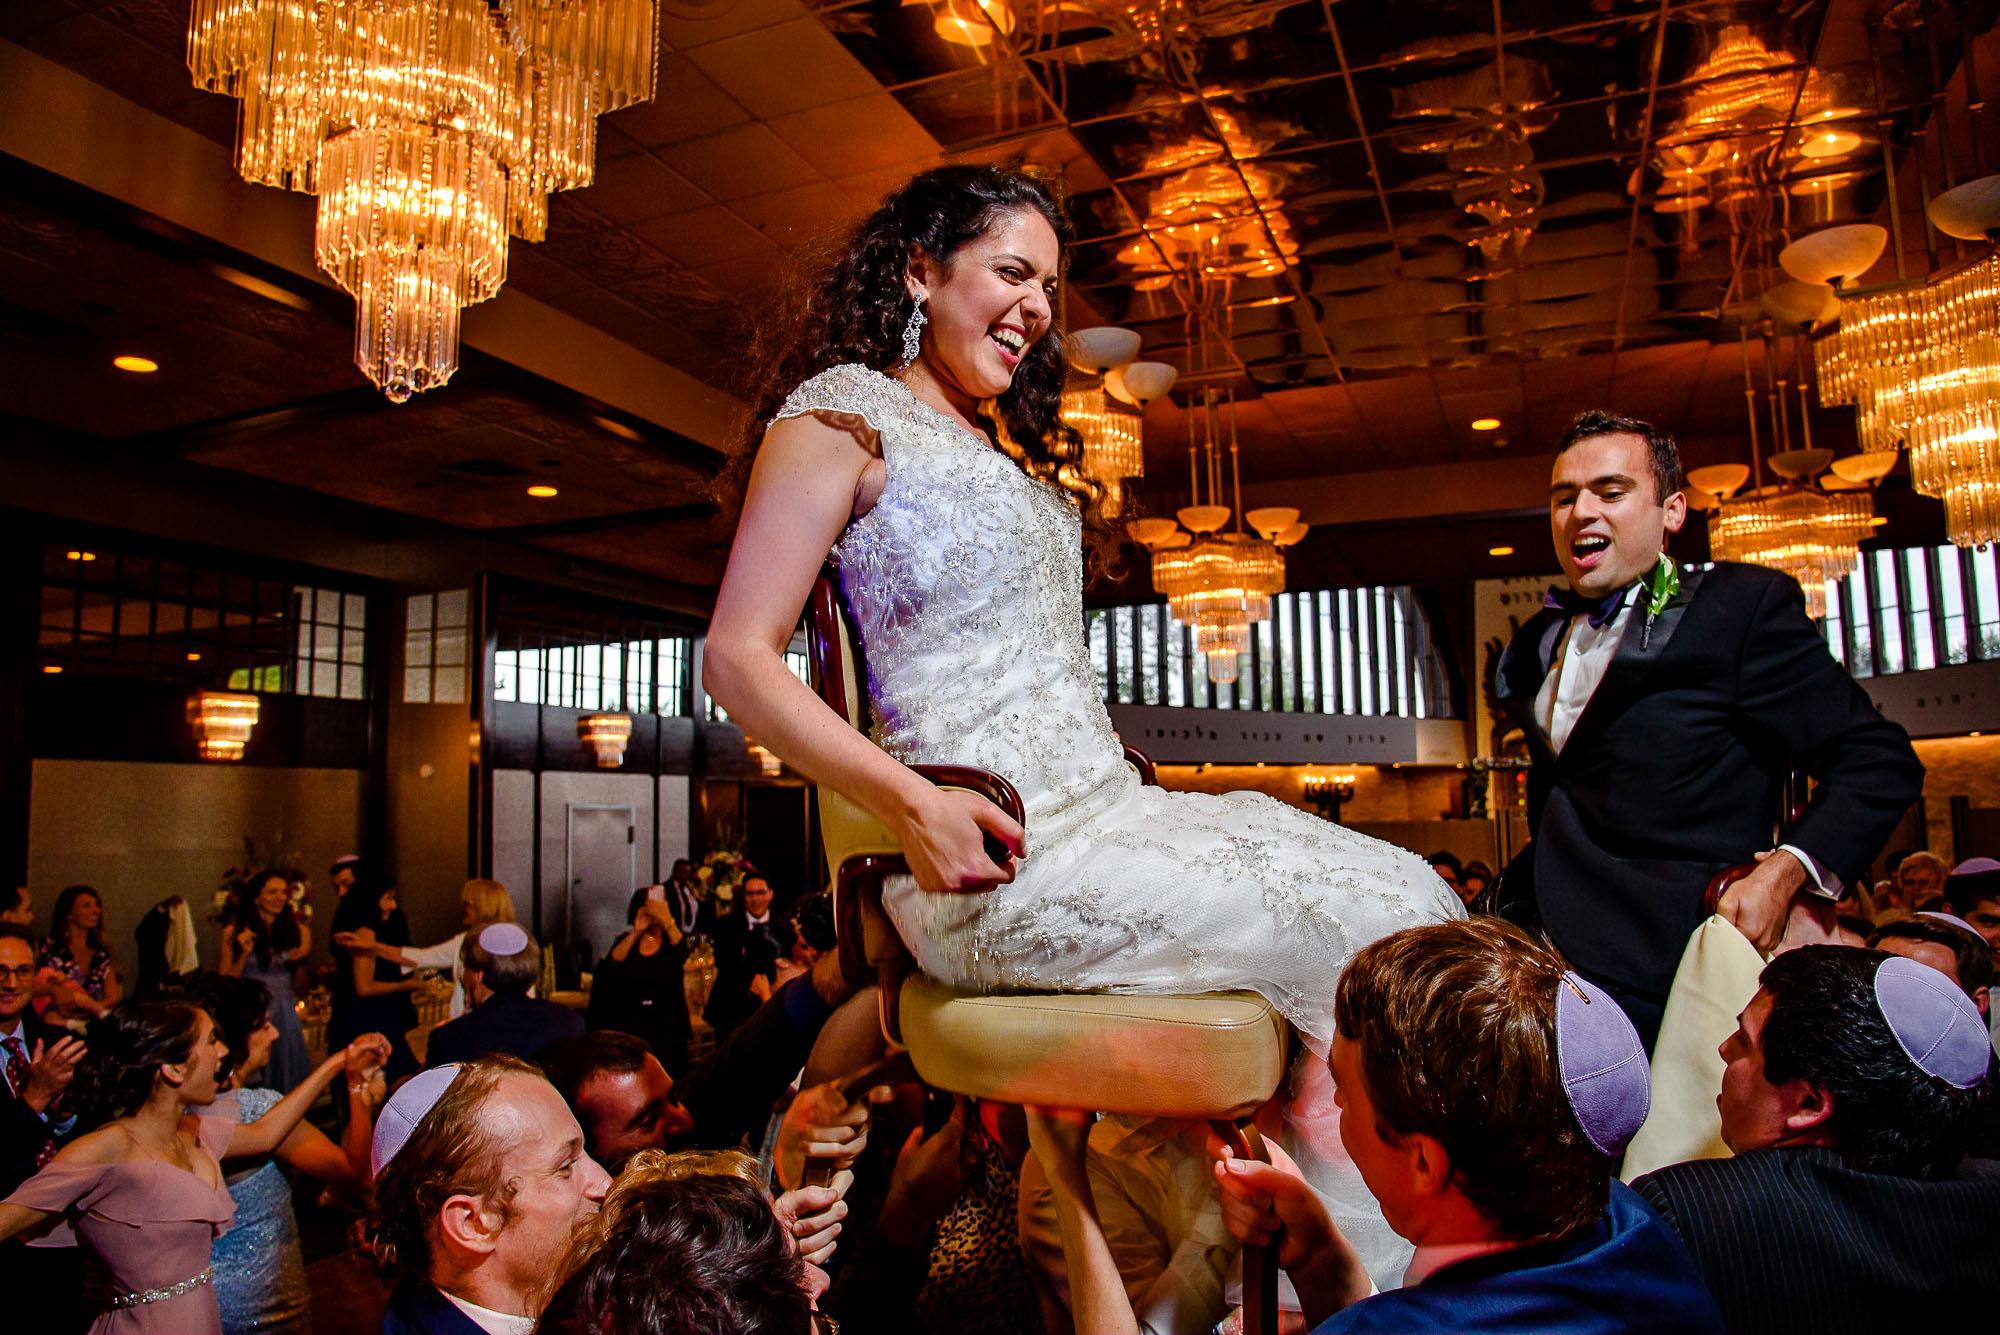 The Sephardic Temple wedding hora dance